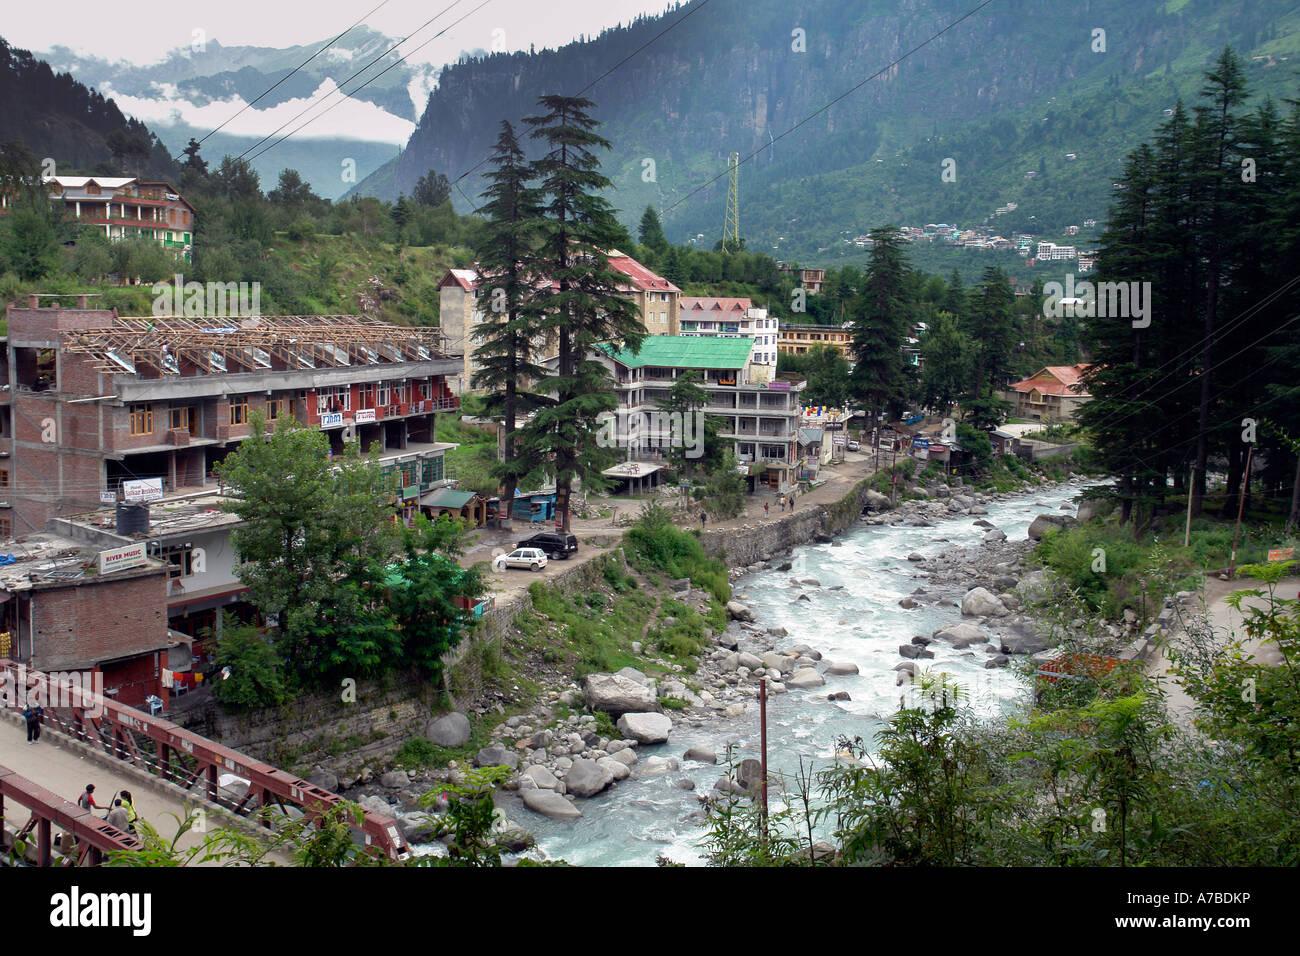 manali town - Stock Image